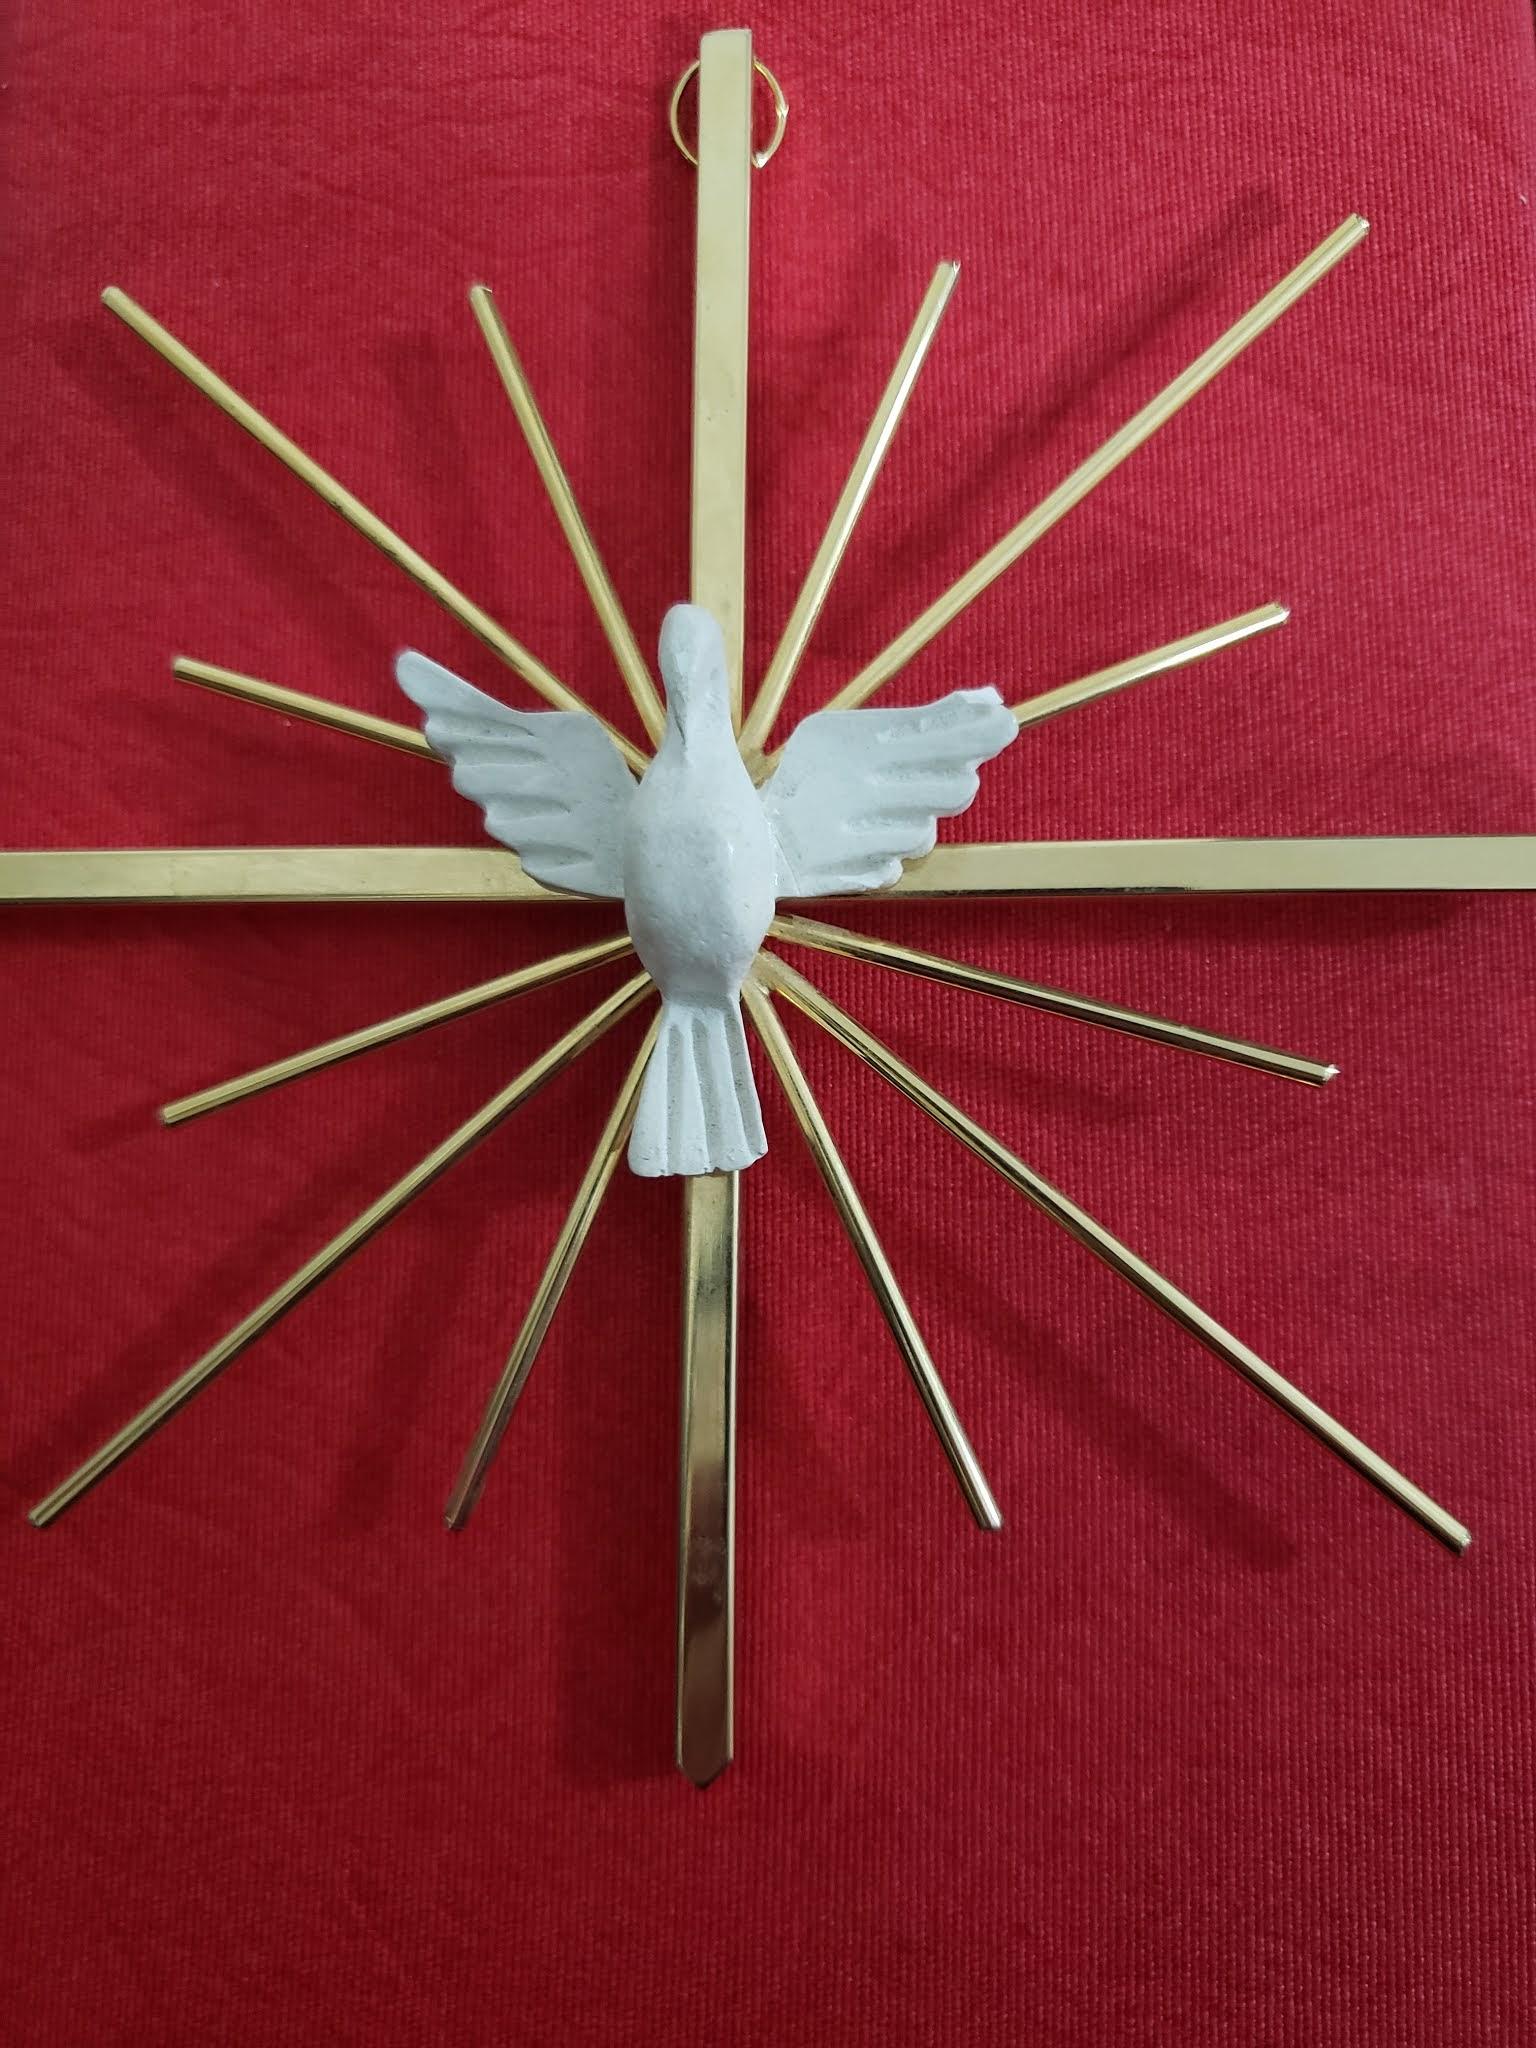 Evangelização e acolhida do sopro do Espírito